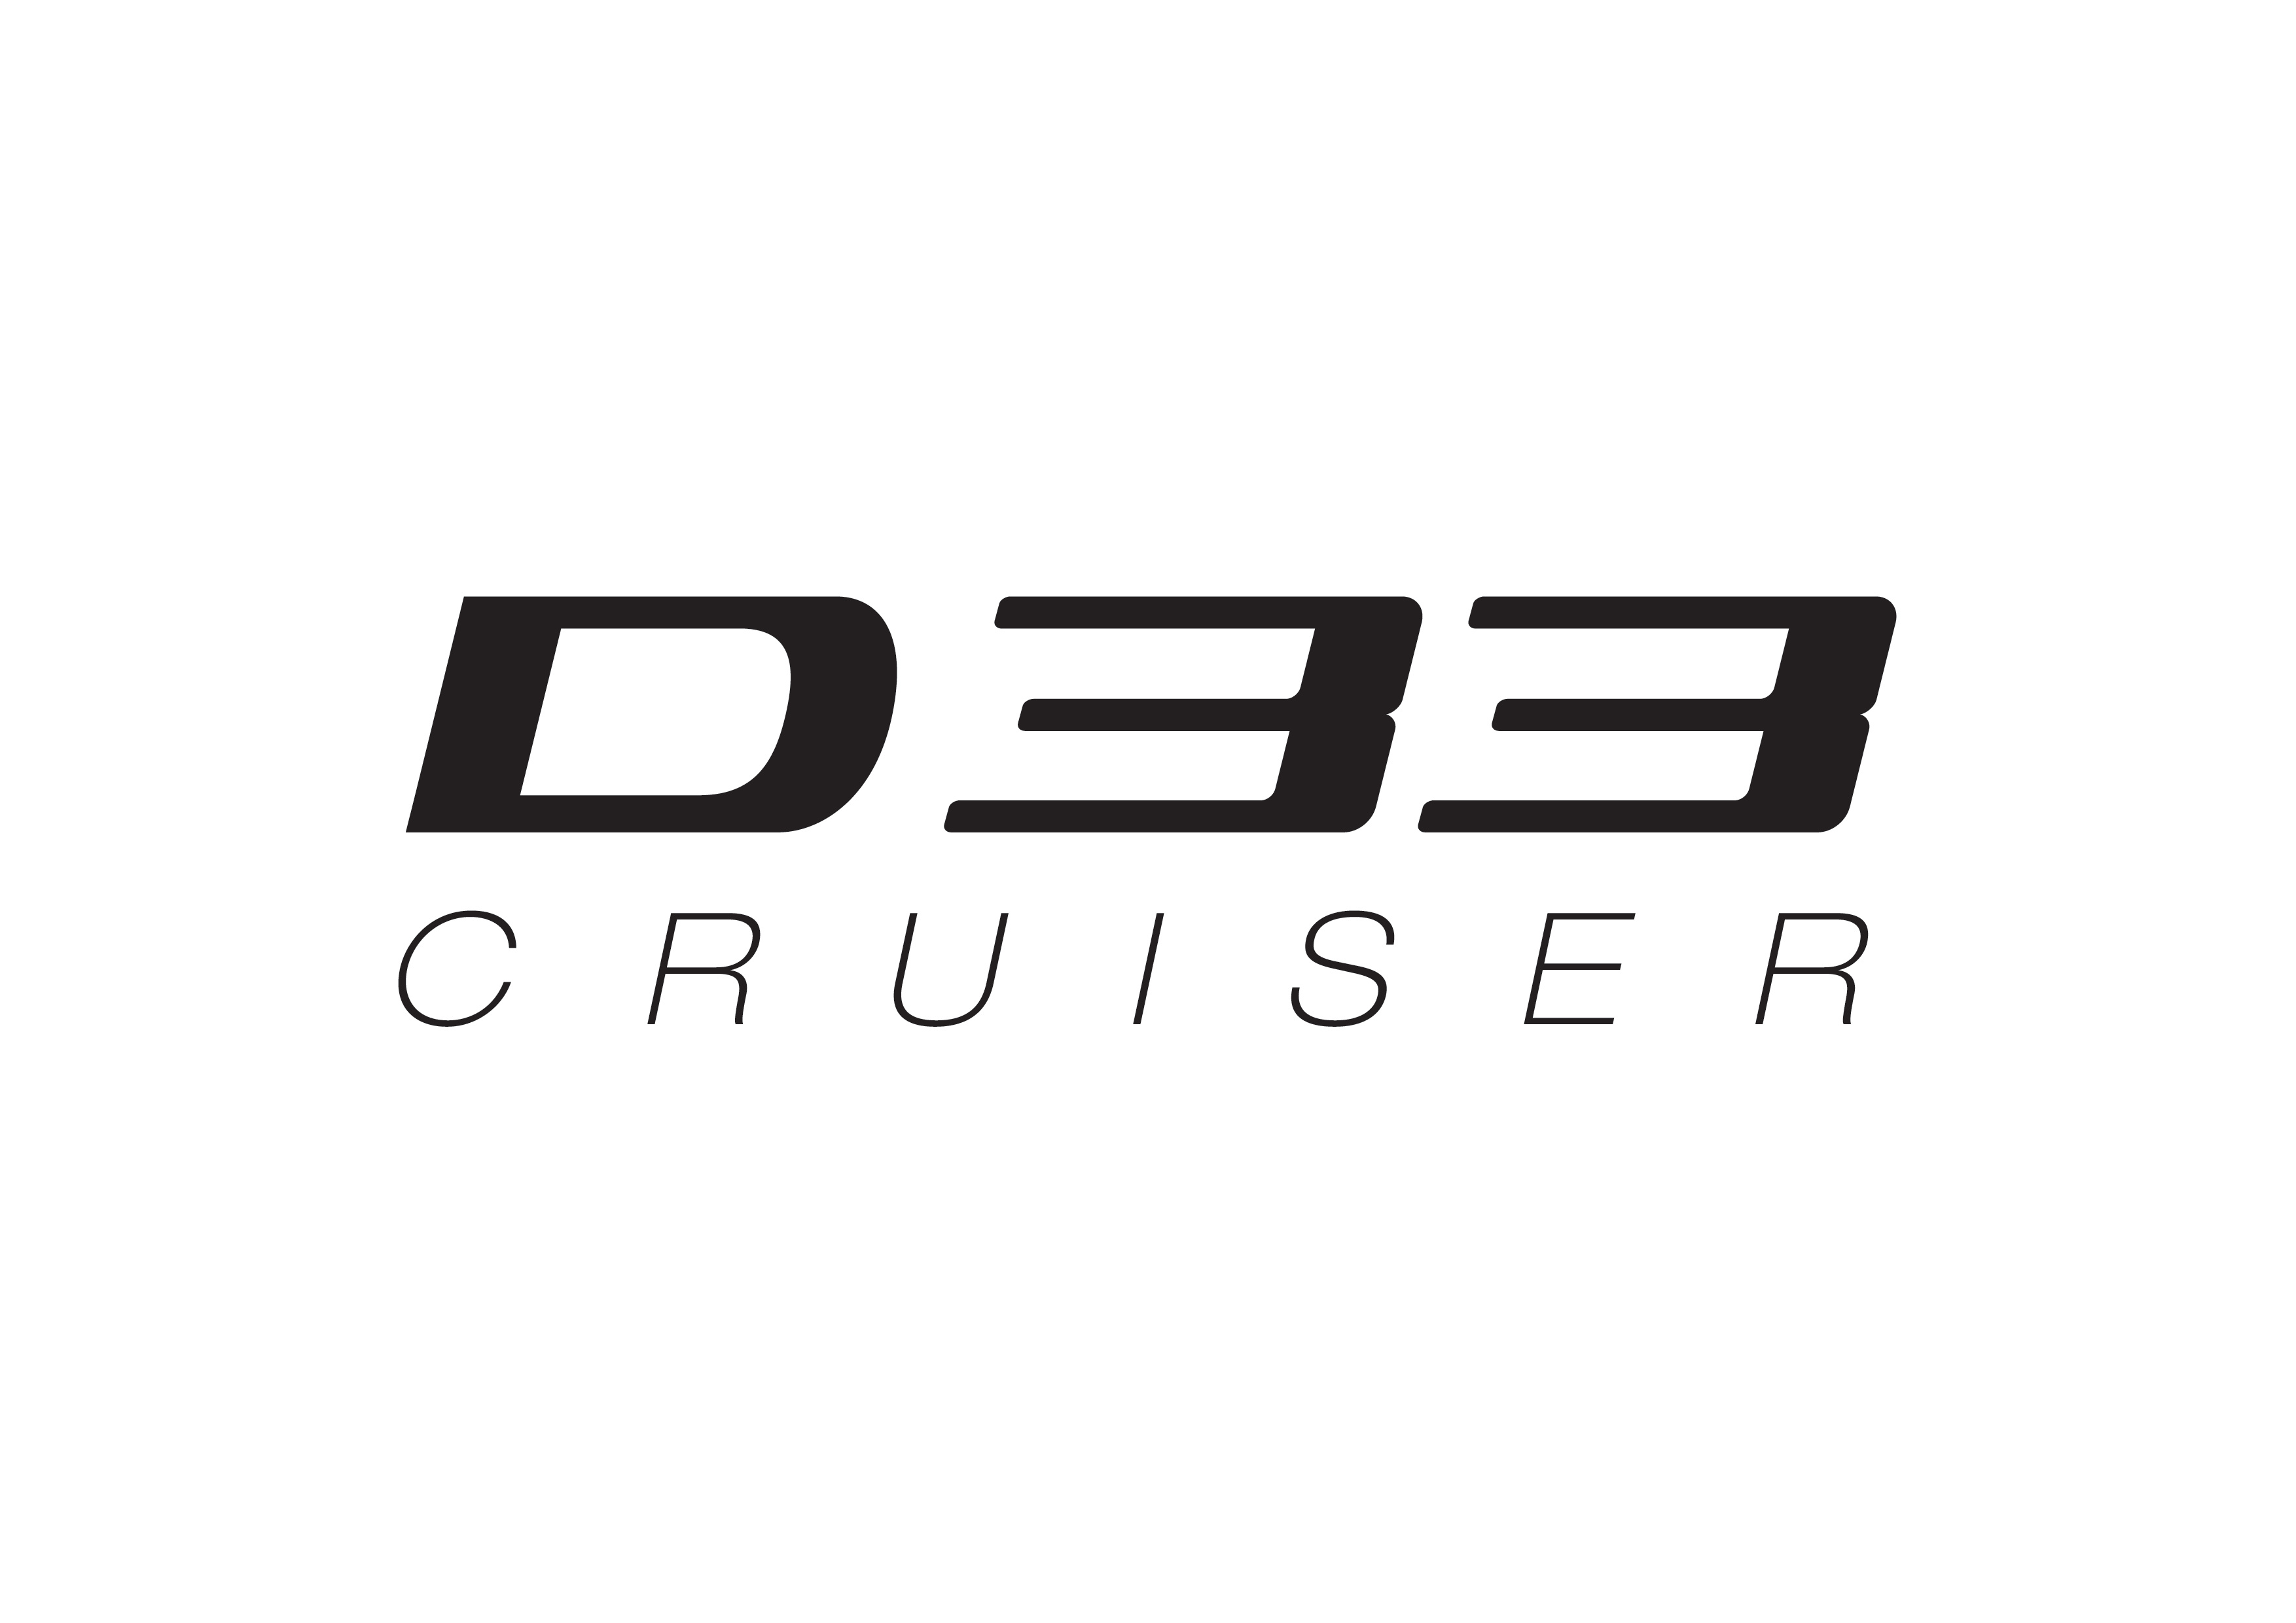 D33_CRUISER-01[1]